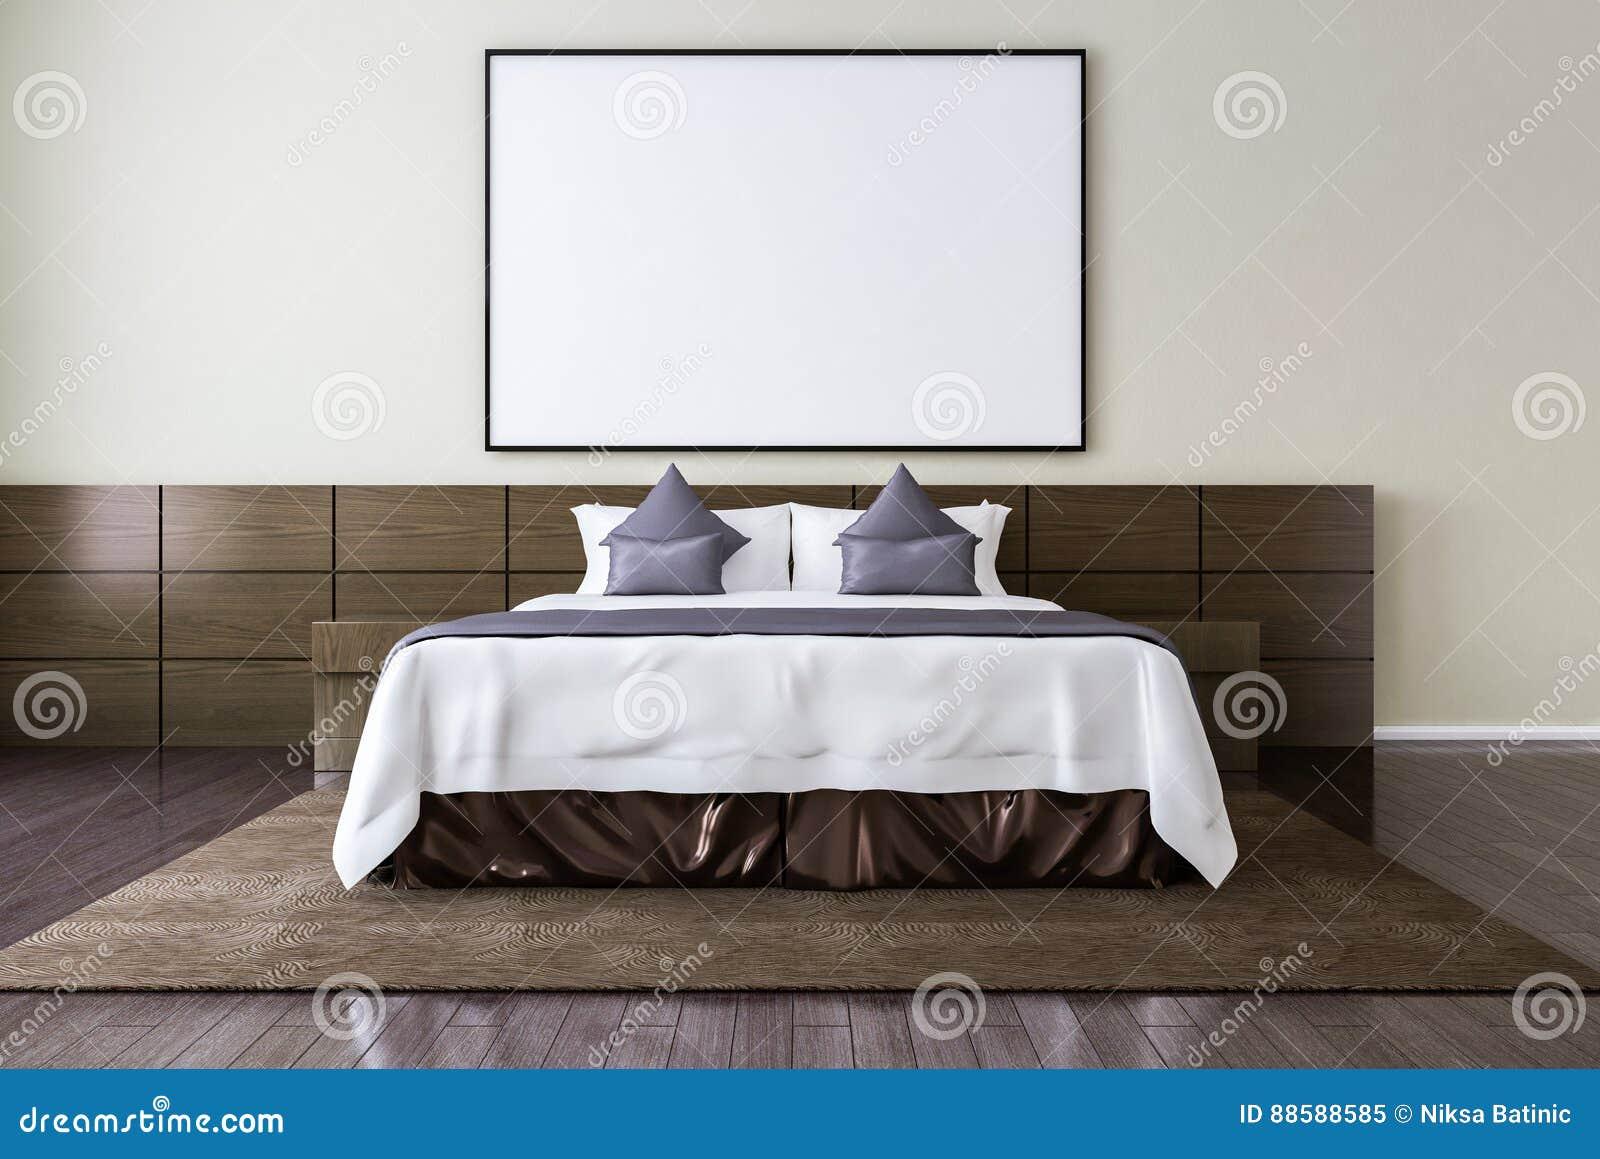 Cornice in bianco sulla parete nella camera da letto - Parete stanza da letto ...